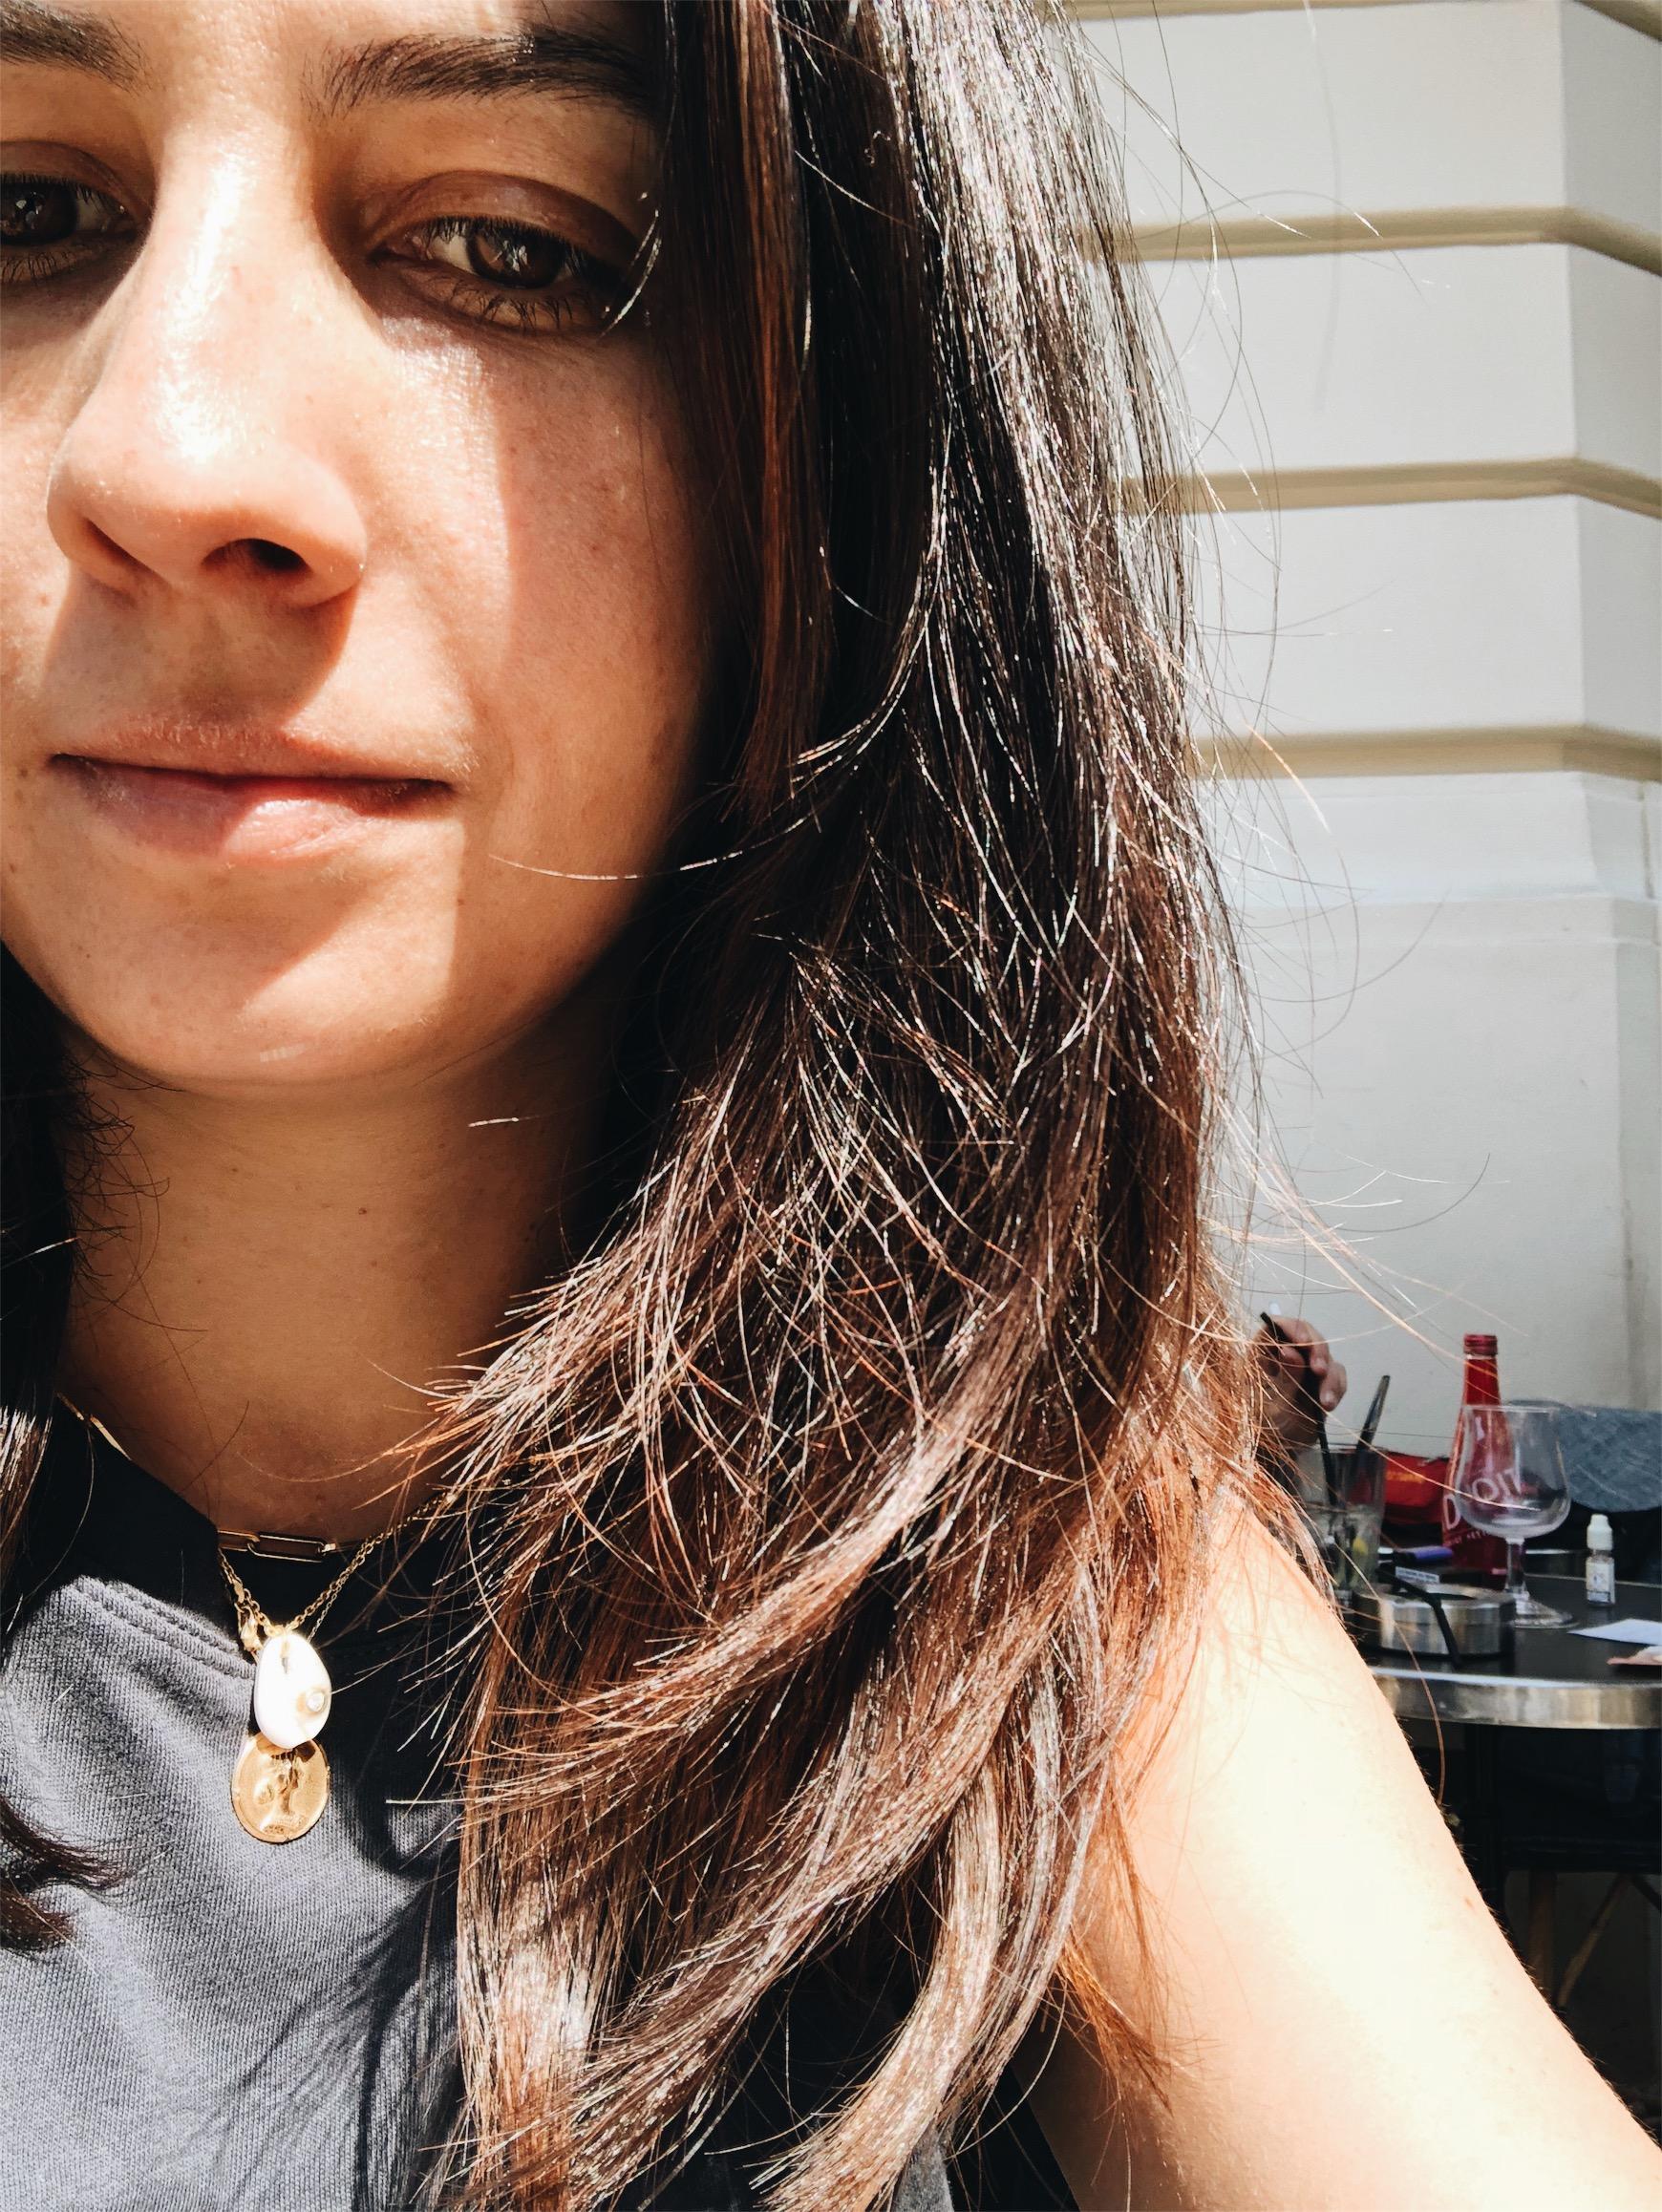 Image+JPEG 72305CA2C8AC 6 - Salvei a cor do meu cabelo no salão do Christophe Robin em Paris